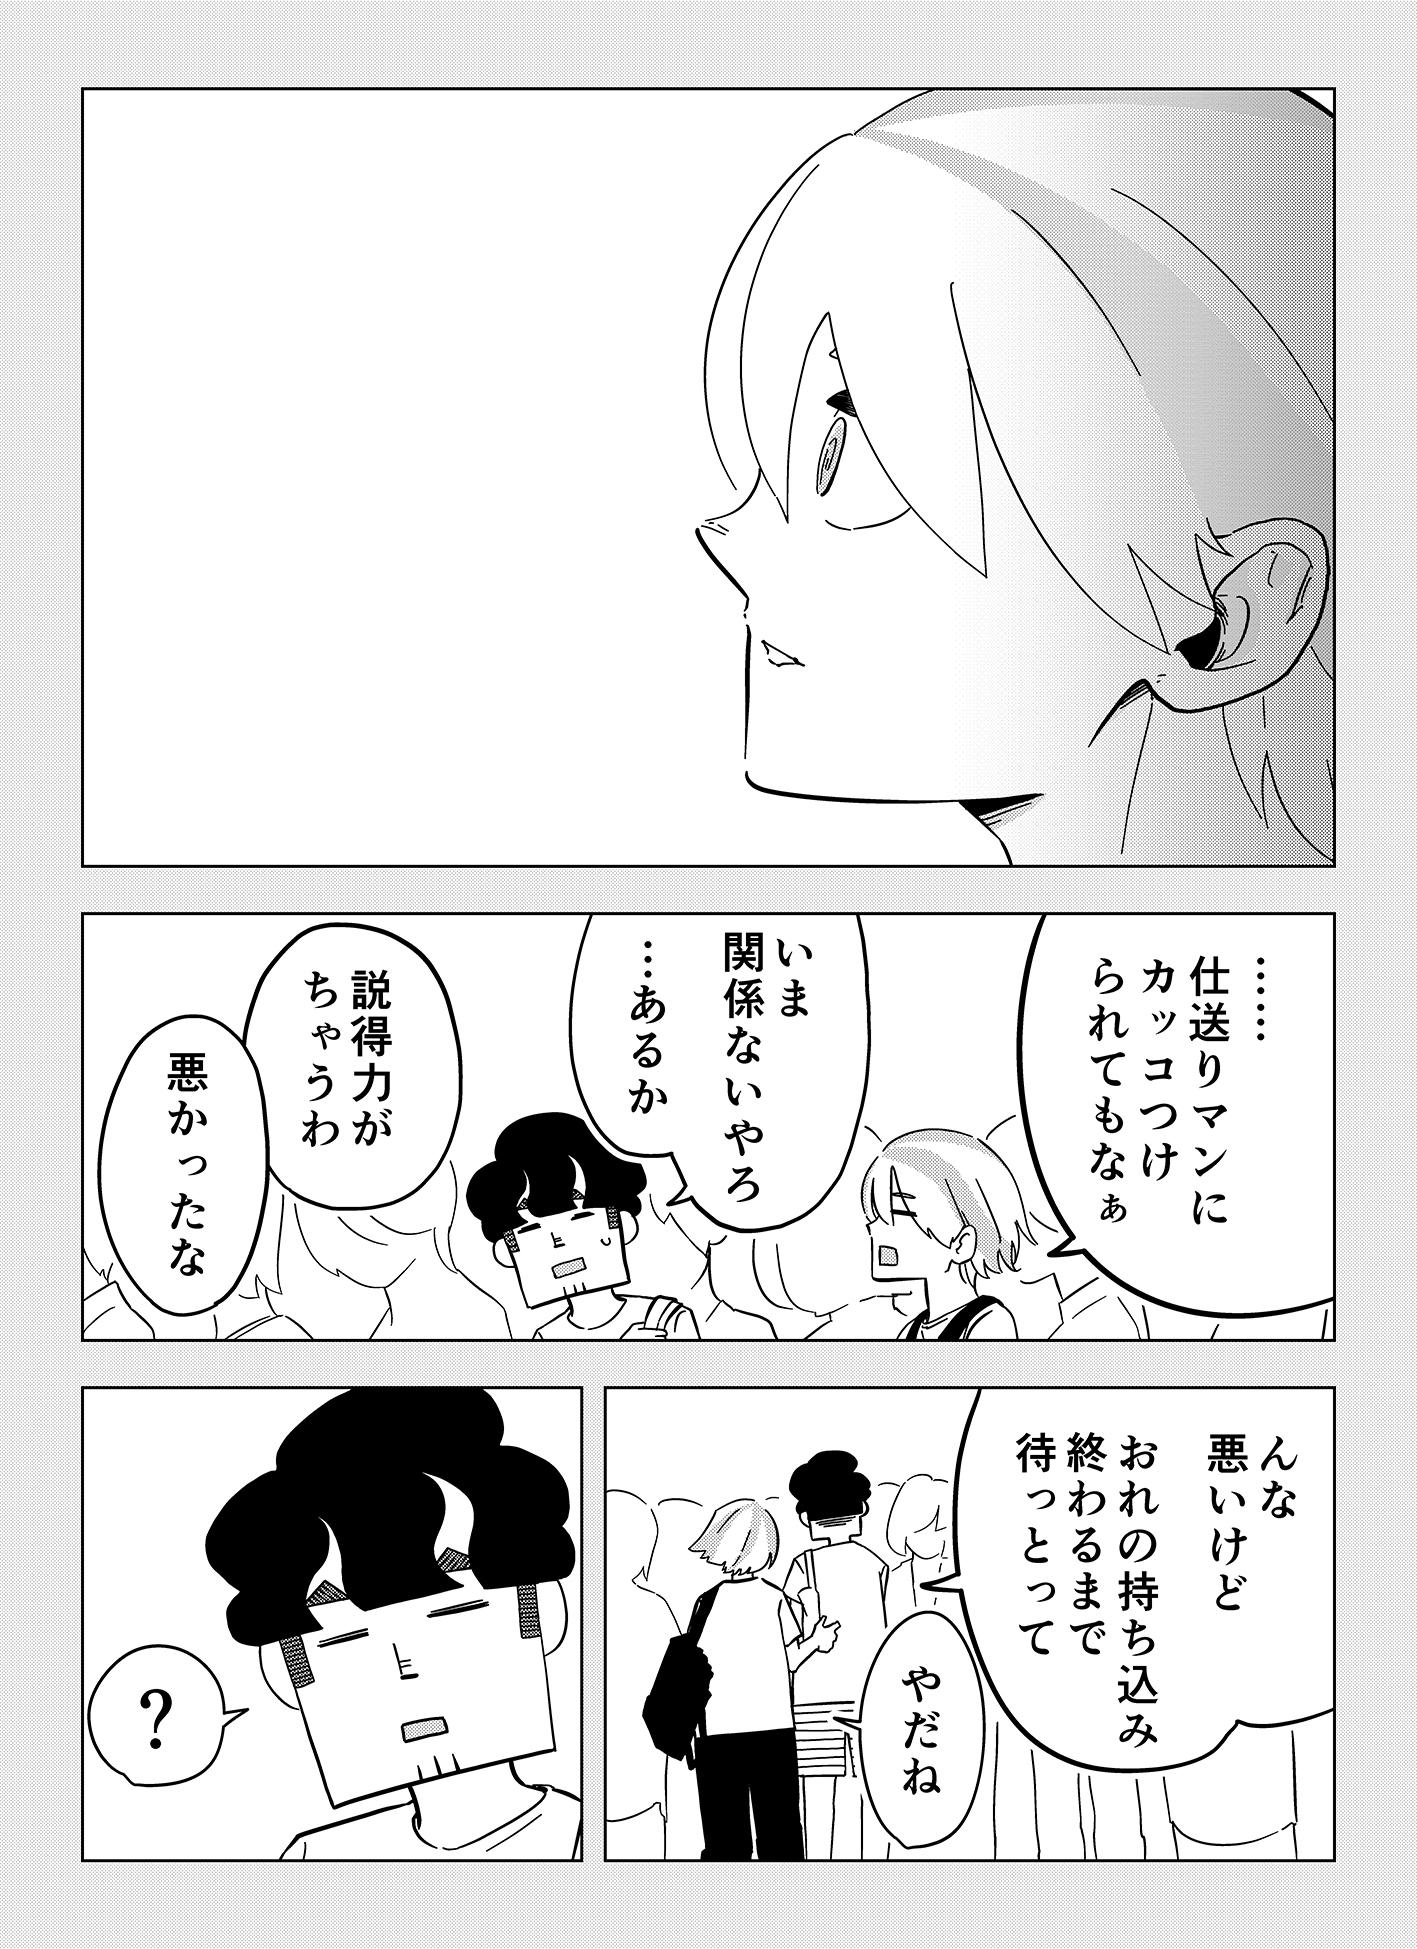 share13_013